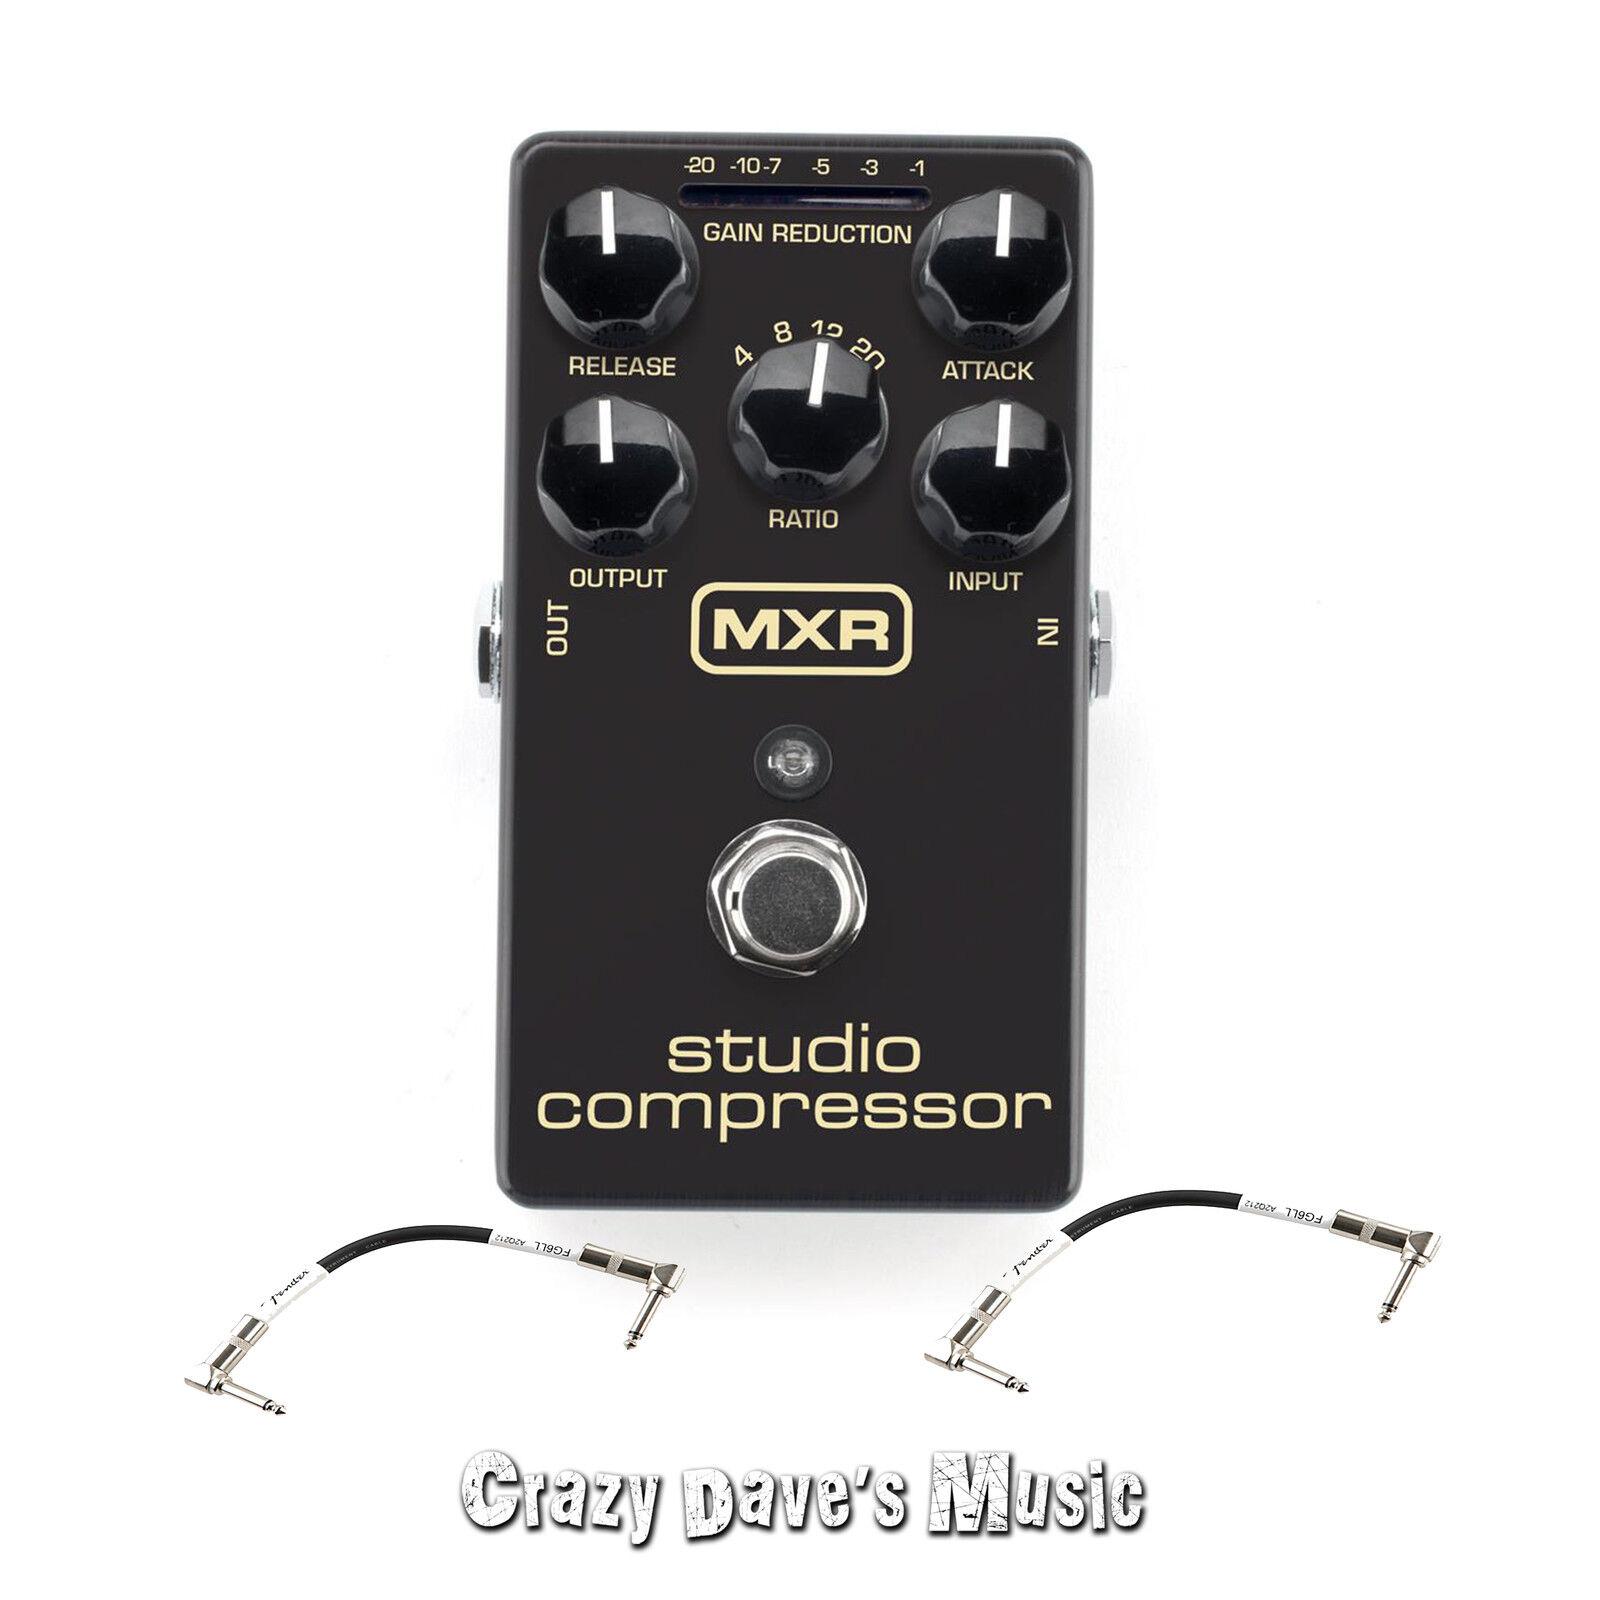 Dunlop MXR Studio Compressor M76 Guitar Pedal with 2 Patch Cables